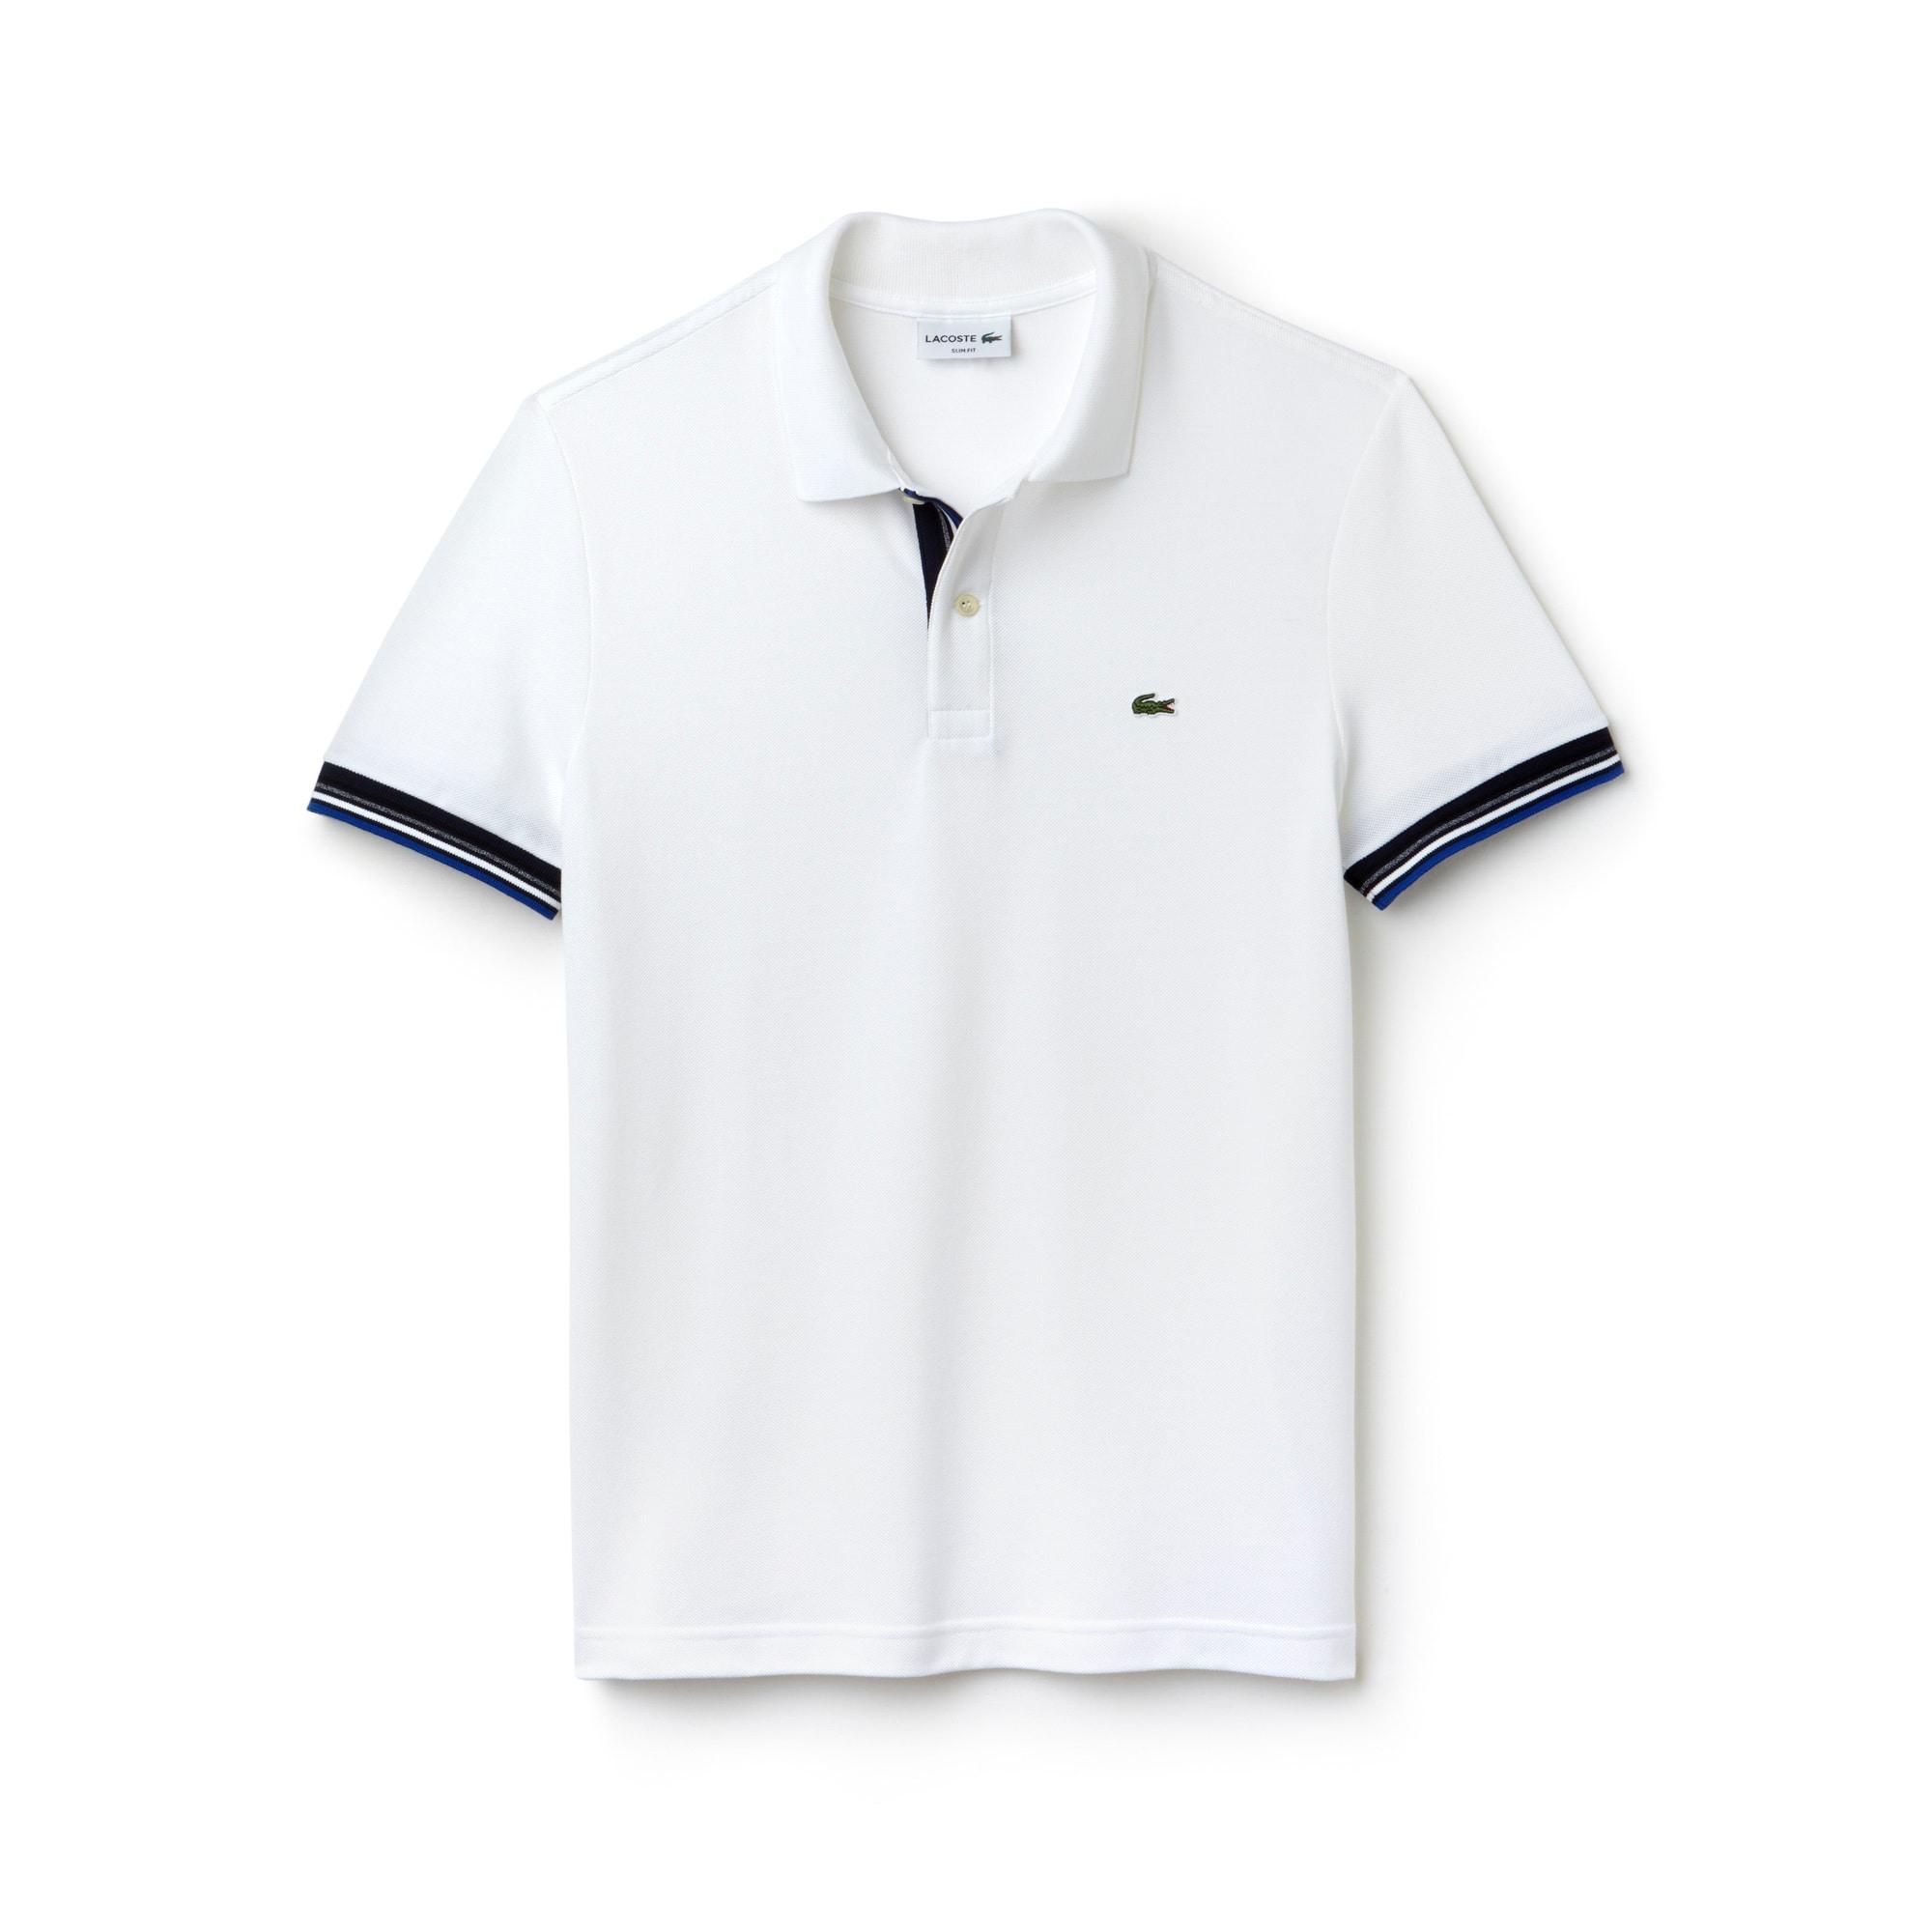 قميص بولو Lacoste بقصة ضيقة من نسيج قطني مزدوج الطبقات بأسلوب حياكة بيتي بيكيه للرجال